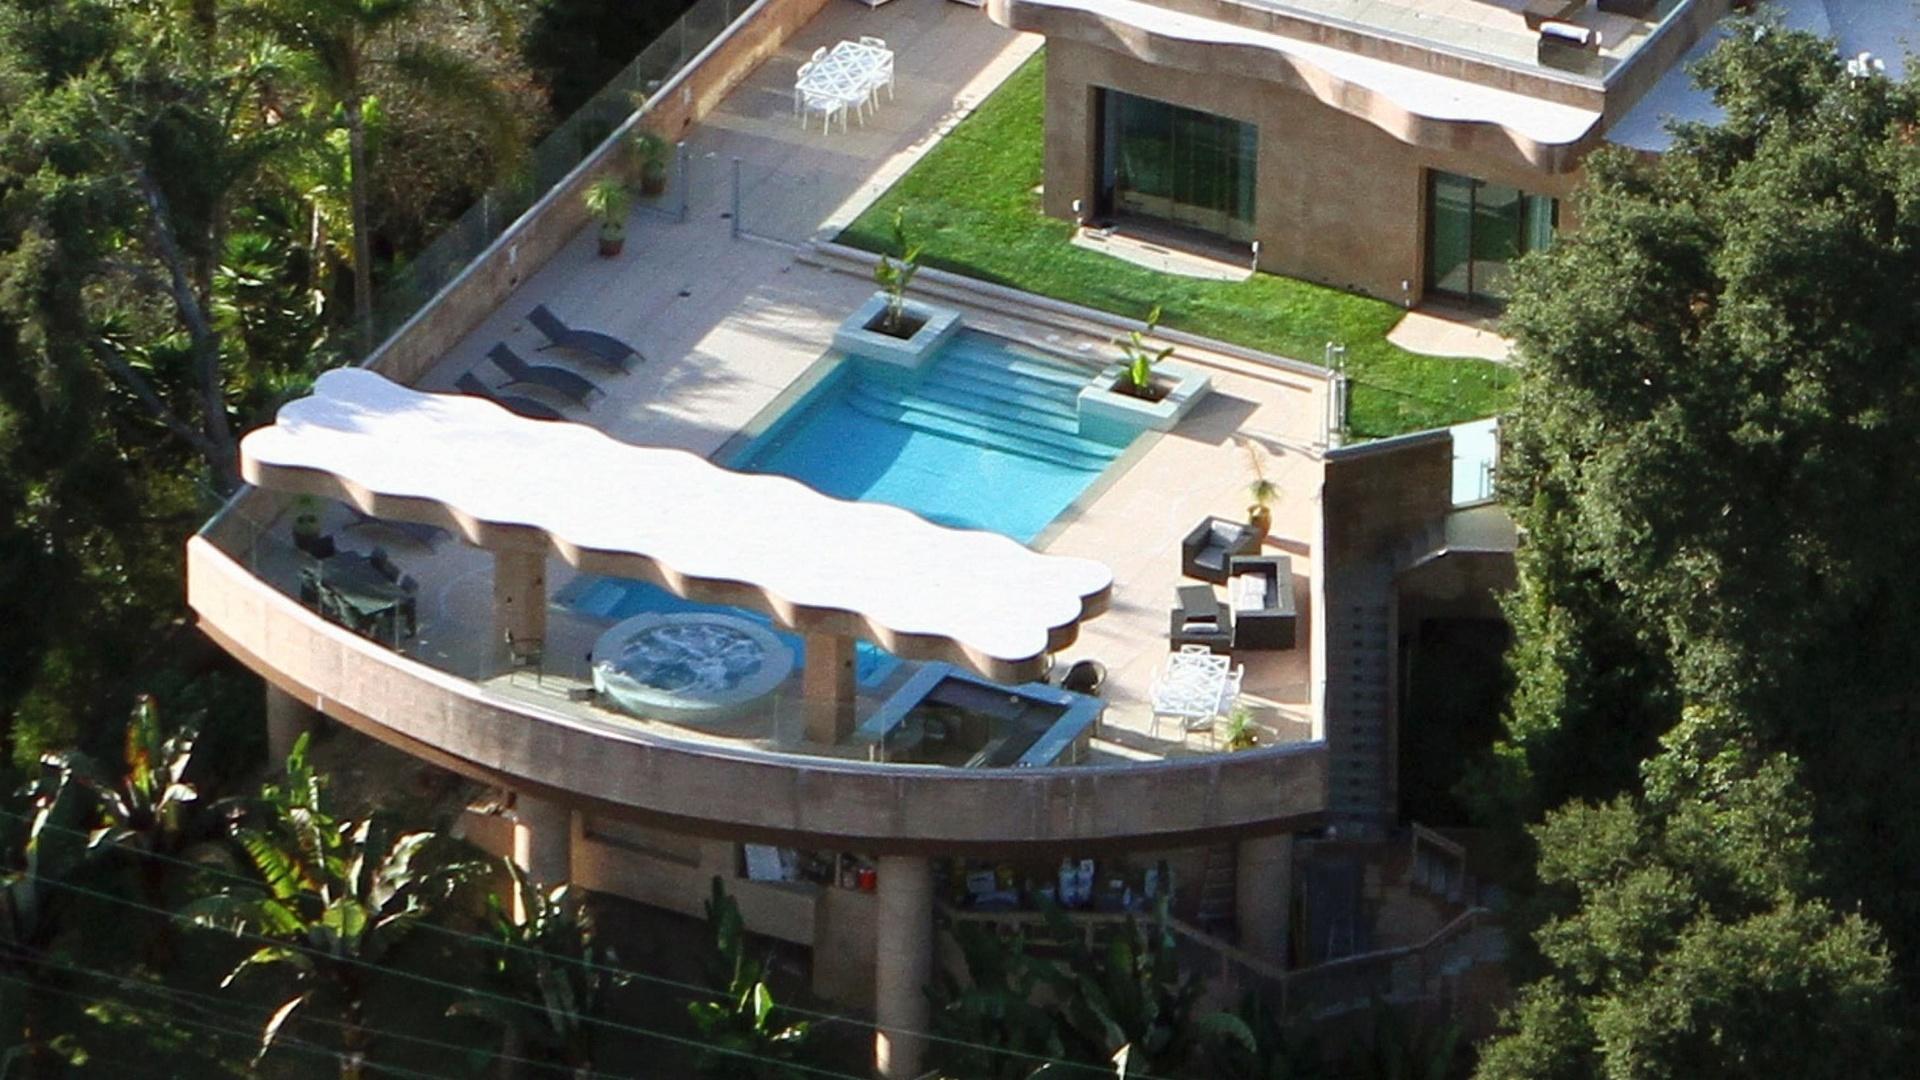 Piscina da mansão de Rihanna em Los Angeles